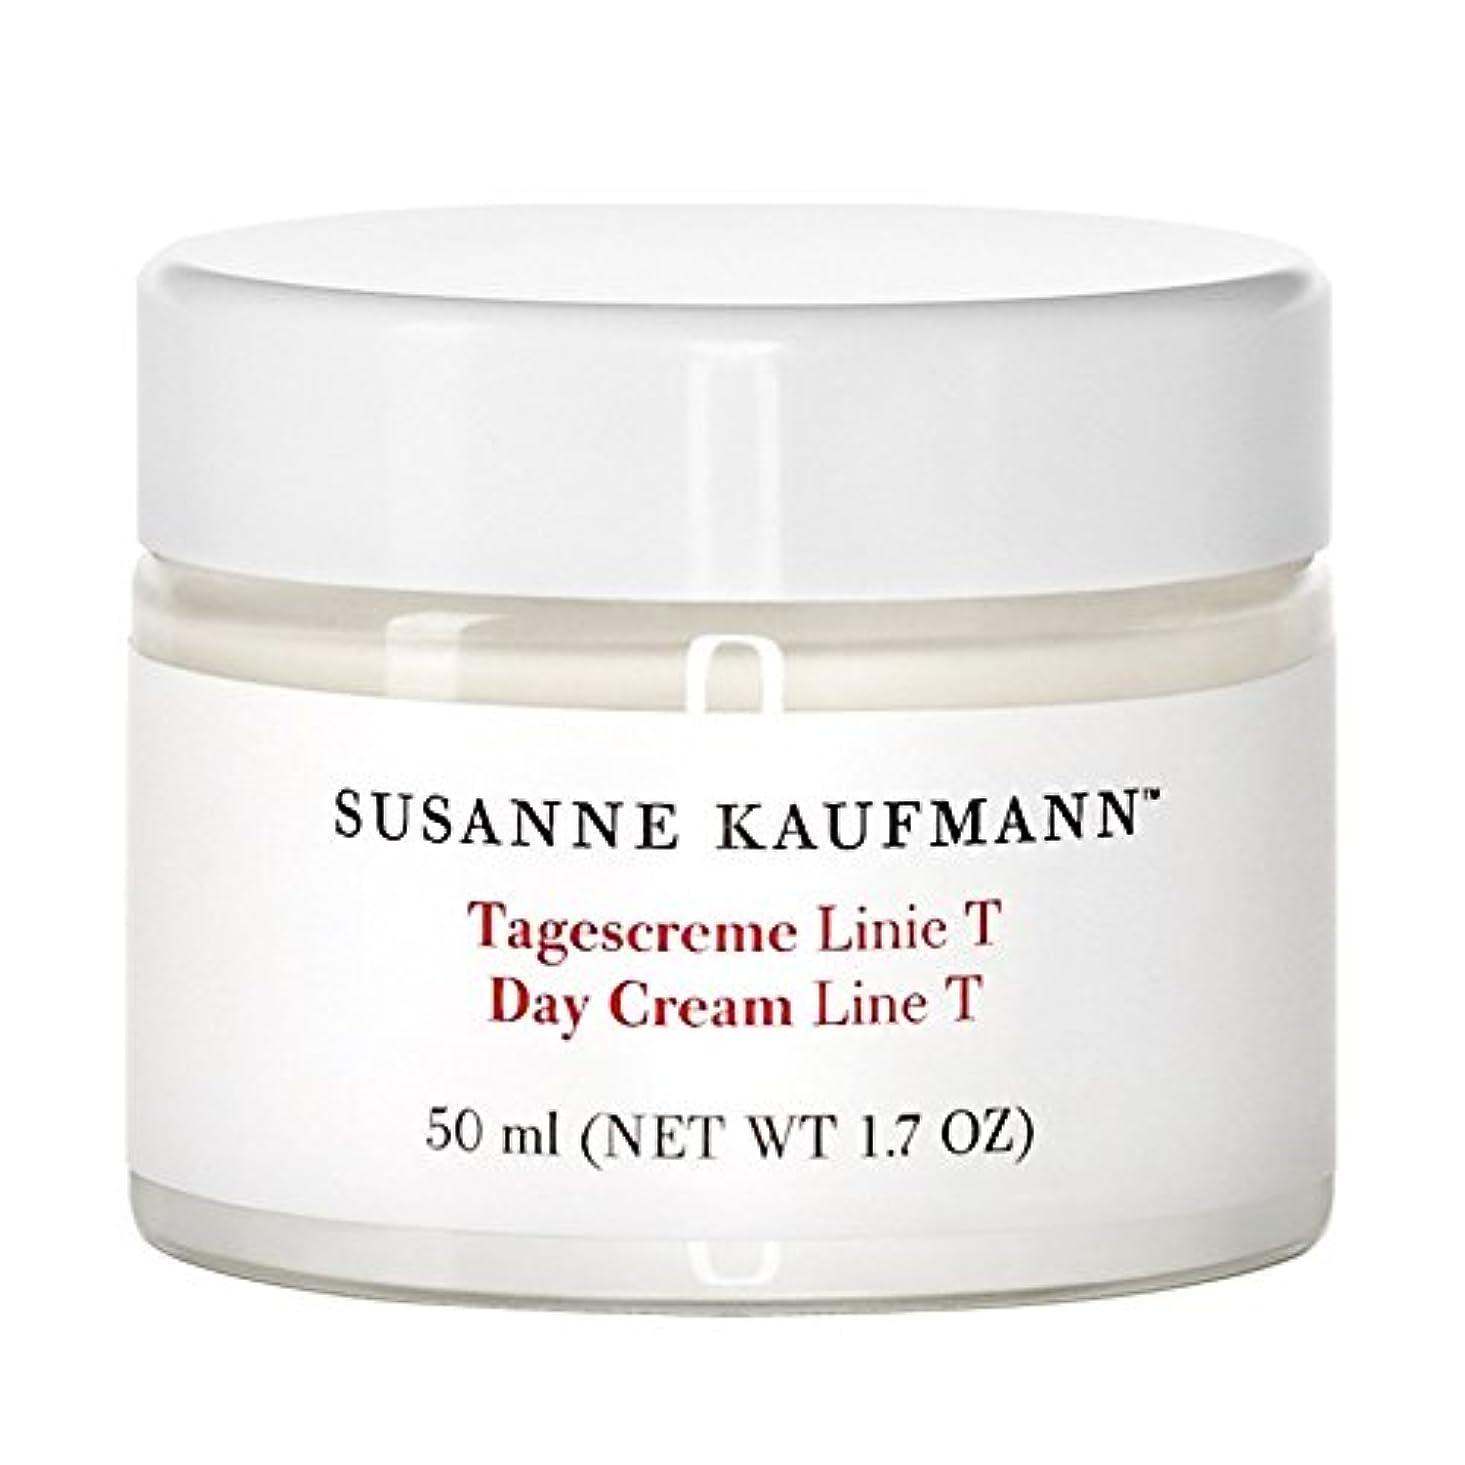 主観的傾向がある動員するSusanne Kaufmann Day Cream Line T 50ml - スザンヌカウフマン日クリームライントンの50ミリリットル [並行輸入品]